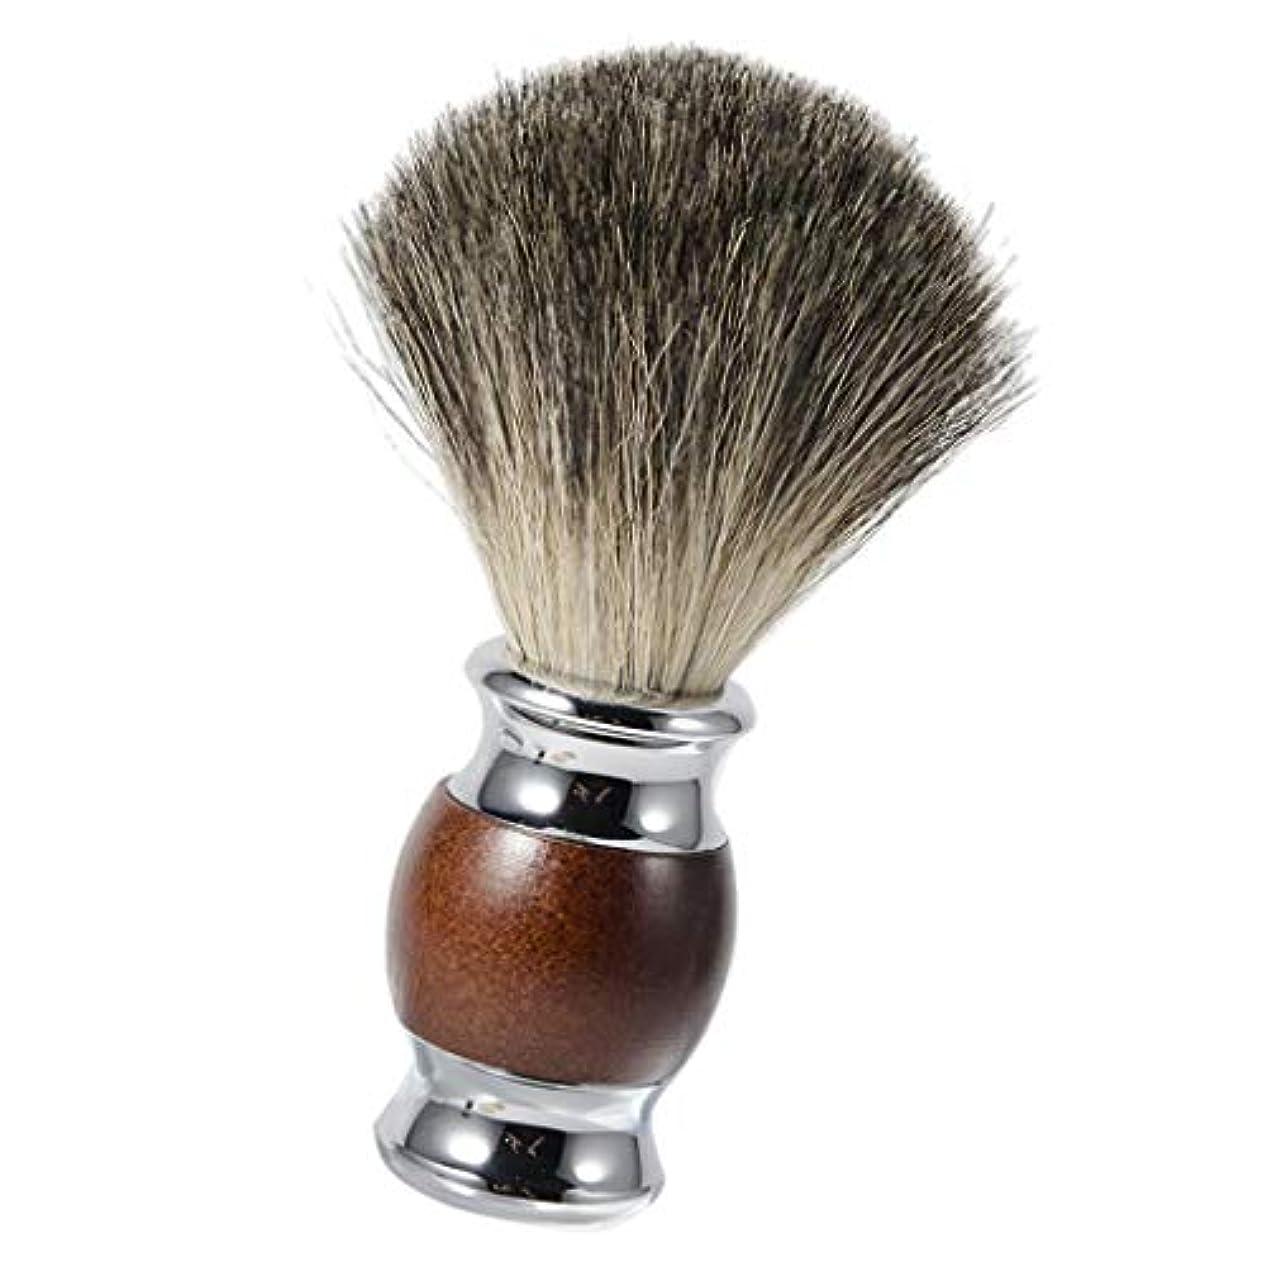 同行するアーカイブ空のひげブラシ シェービングブラシ 木製ハンドル 理容 洗顔 髭剃り 泡立ち メンズ用 友人にプレゼント